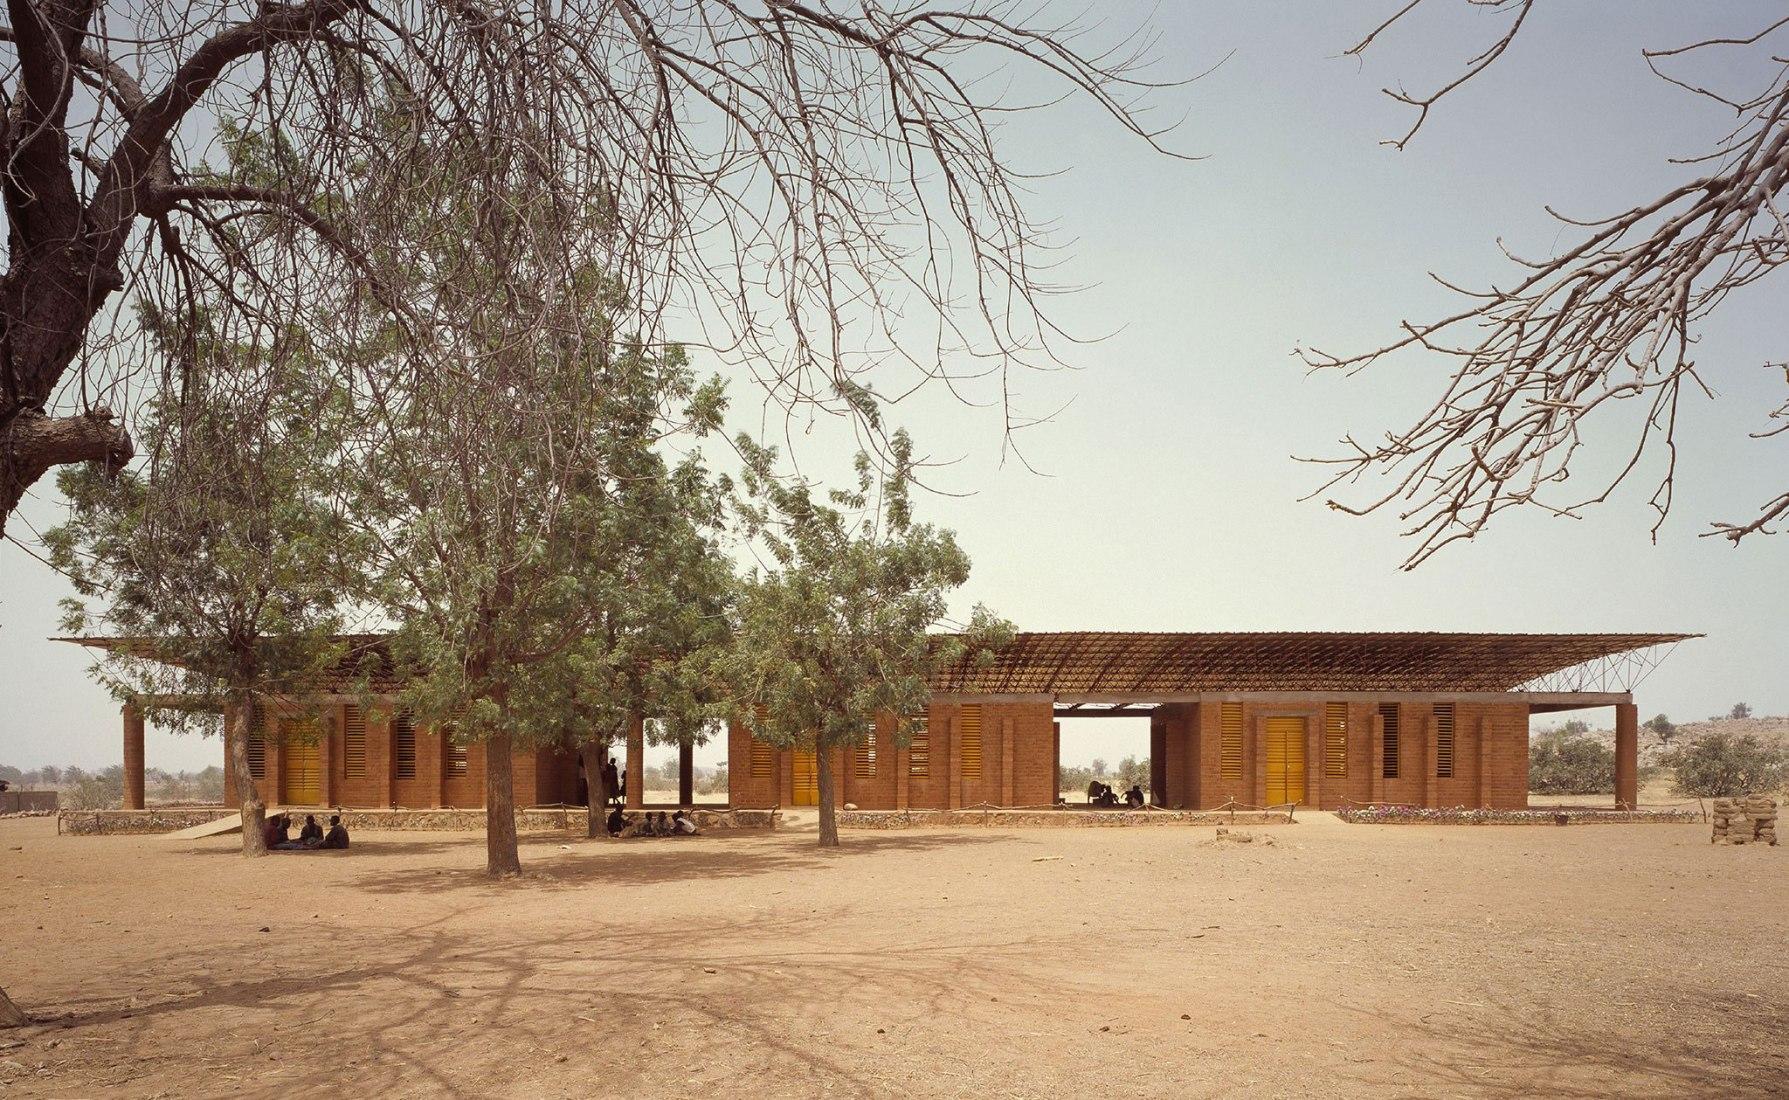 Vista exterior. Escuela primaria de Gando por Francis Kéré. Fotografía por Erik Jan Ouwerkerk. Cortesía Museo ICO